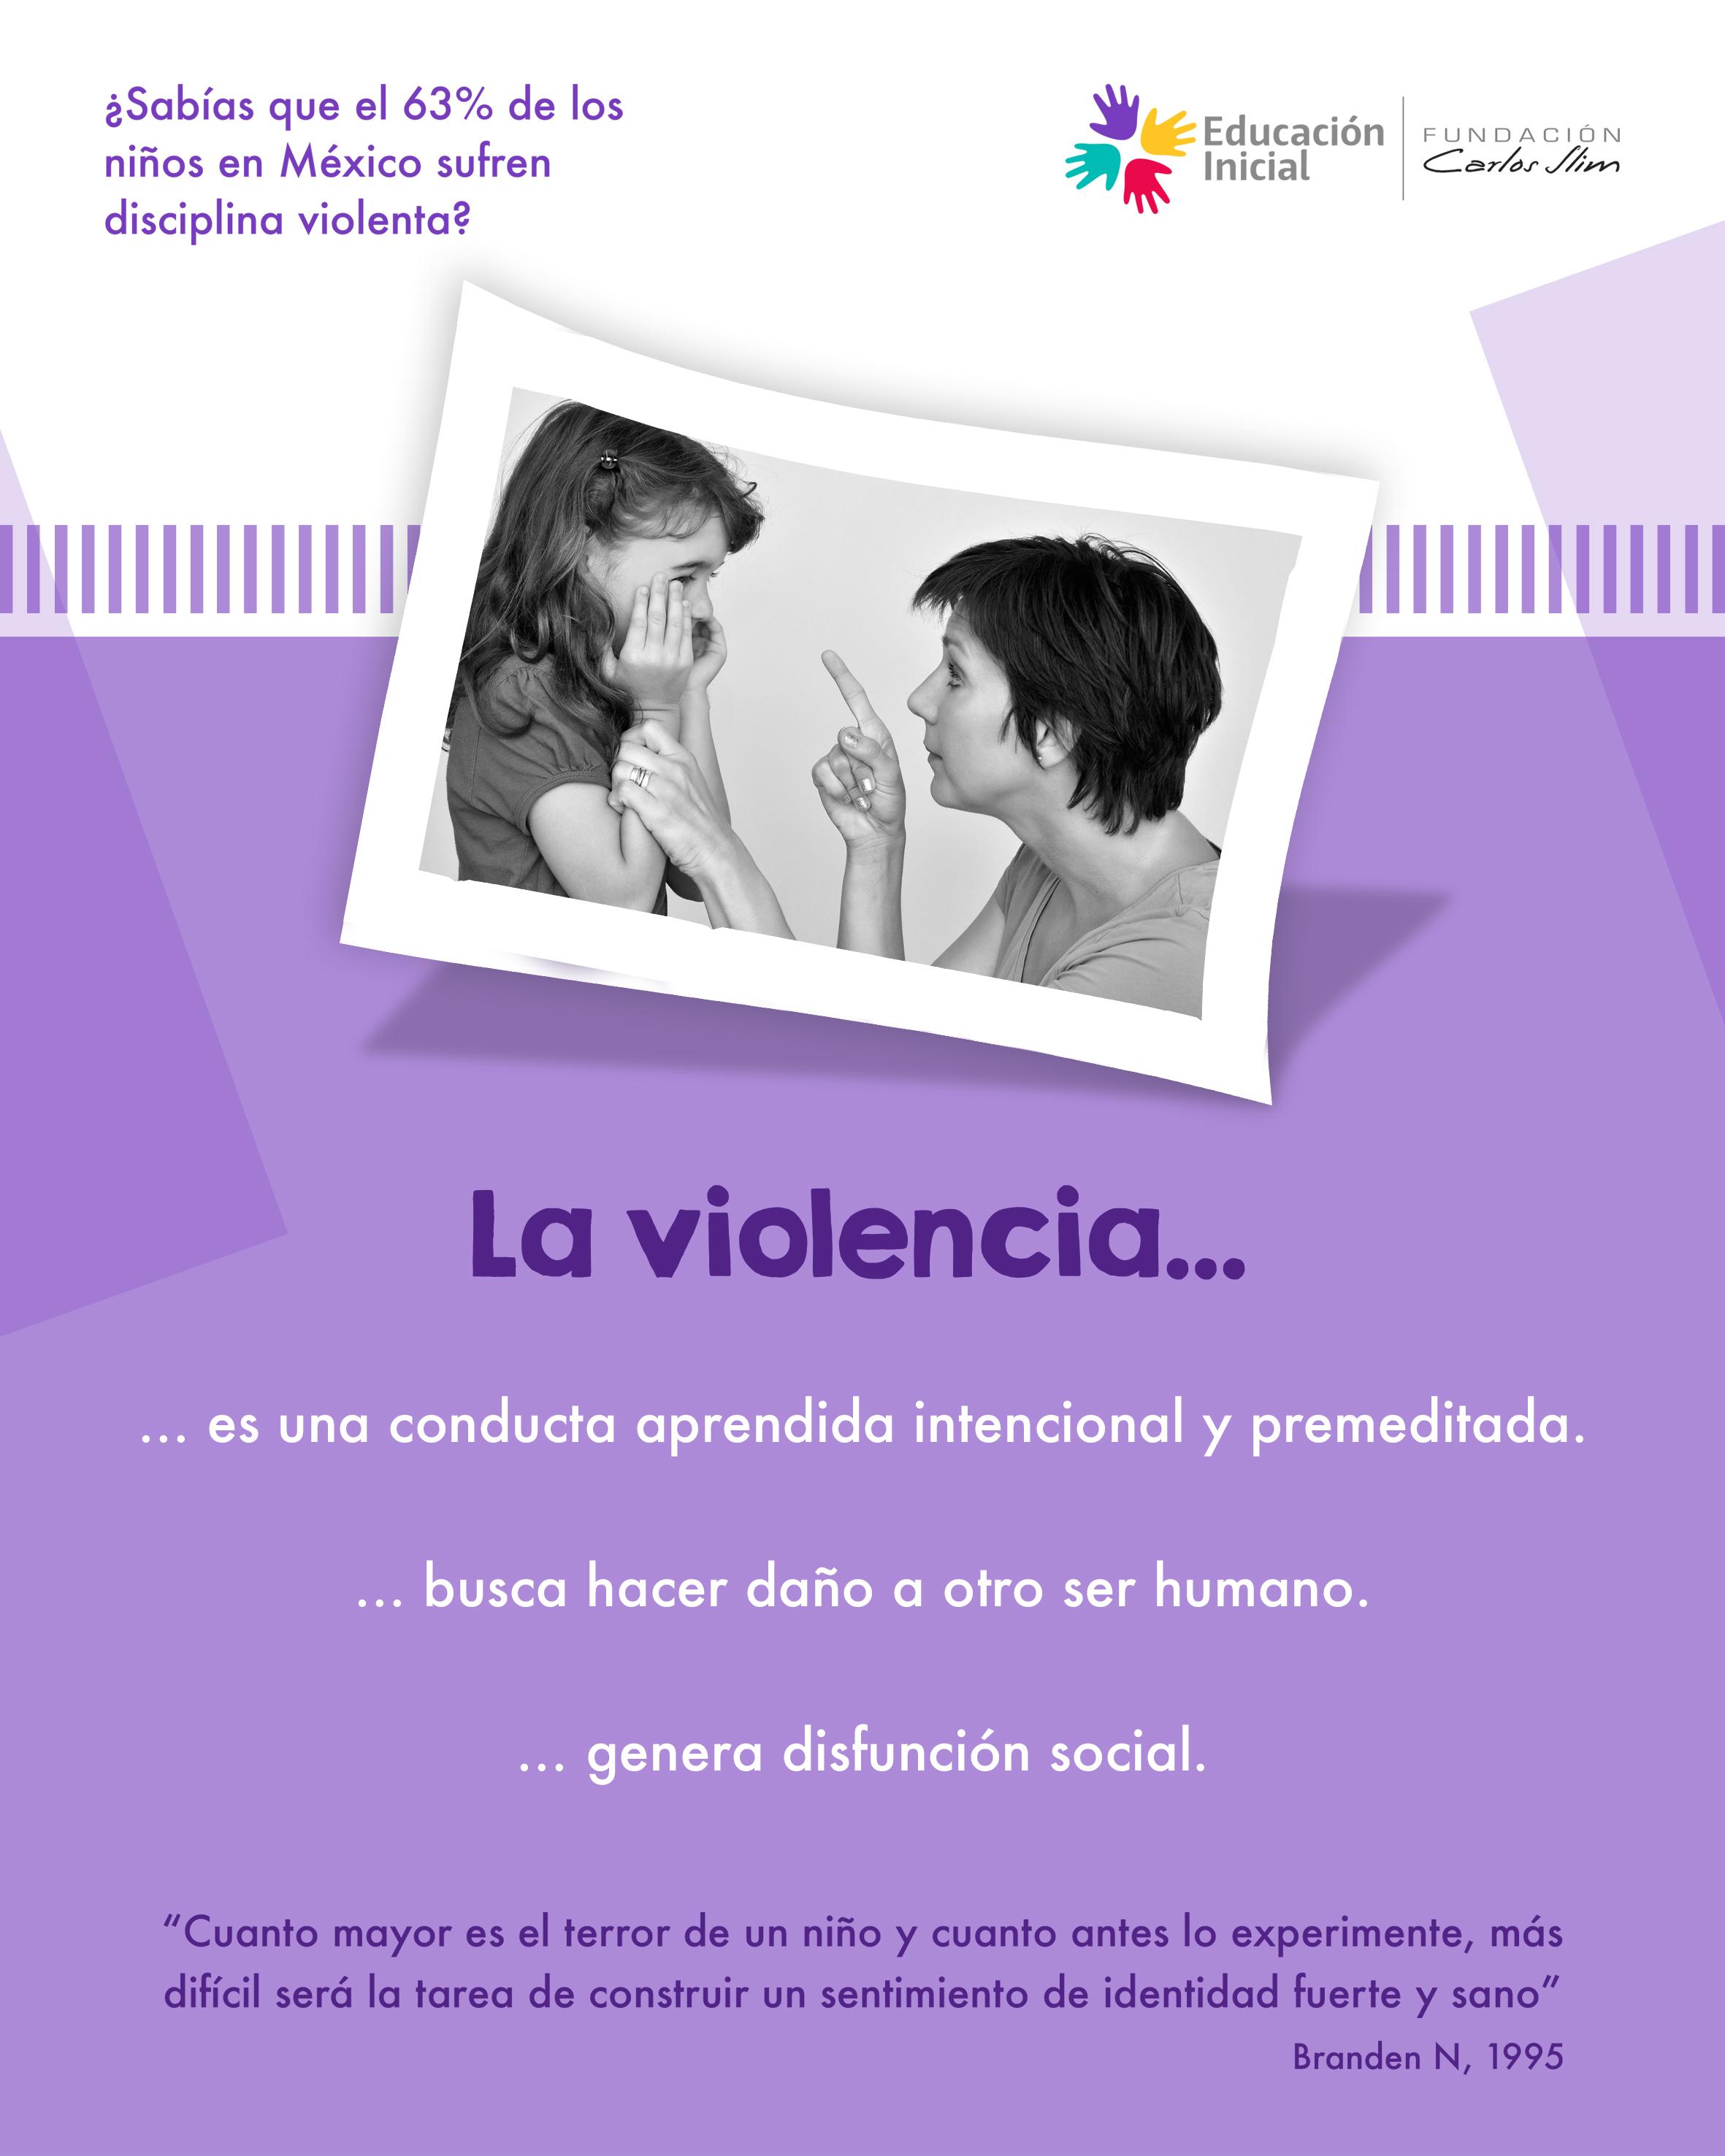 (527) La violencia…